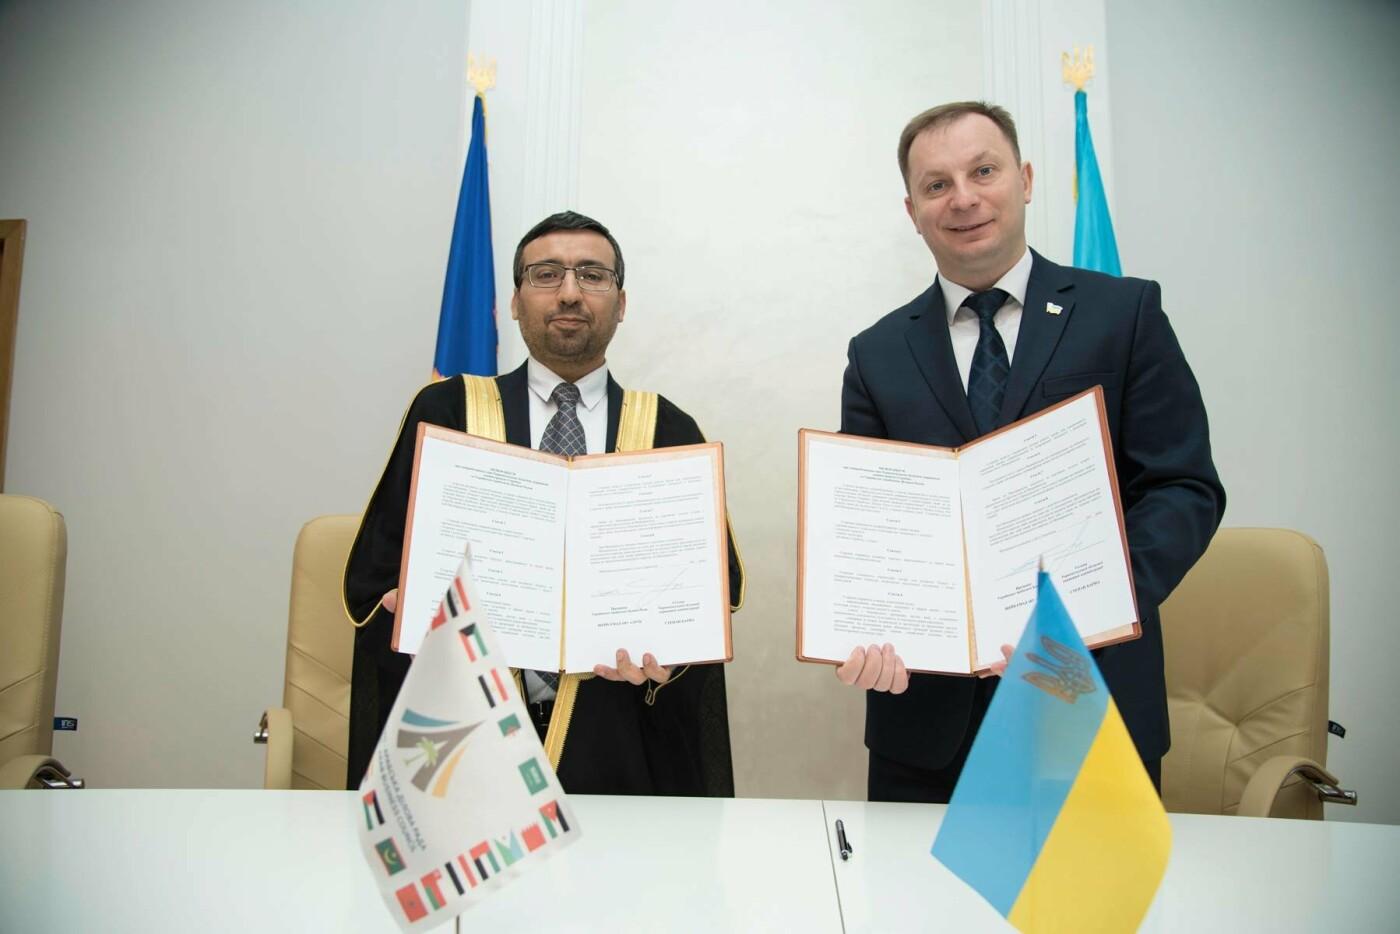 Тернопільська ОДА підписала меморандум про співробітництво з Українсько-Арабською Діловою Радою (фото), фото-4